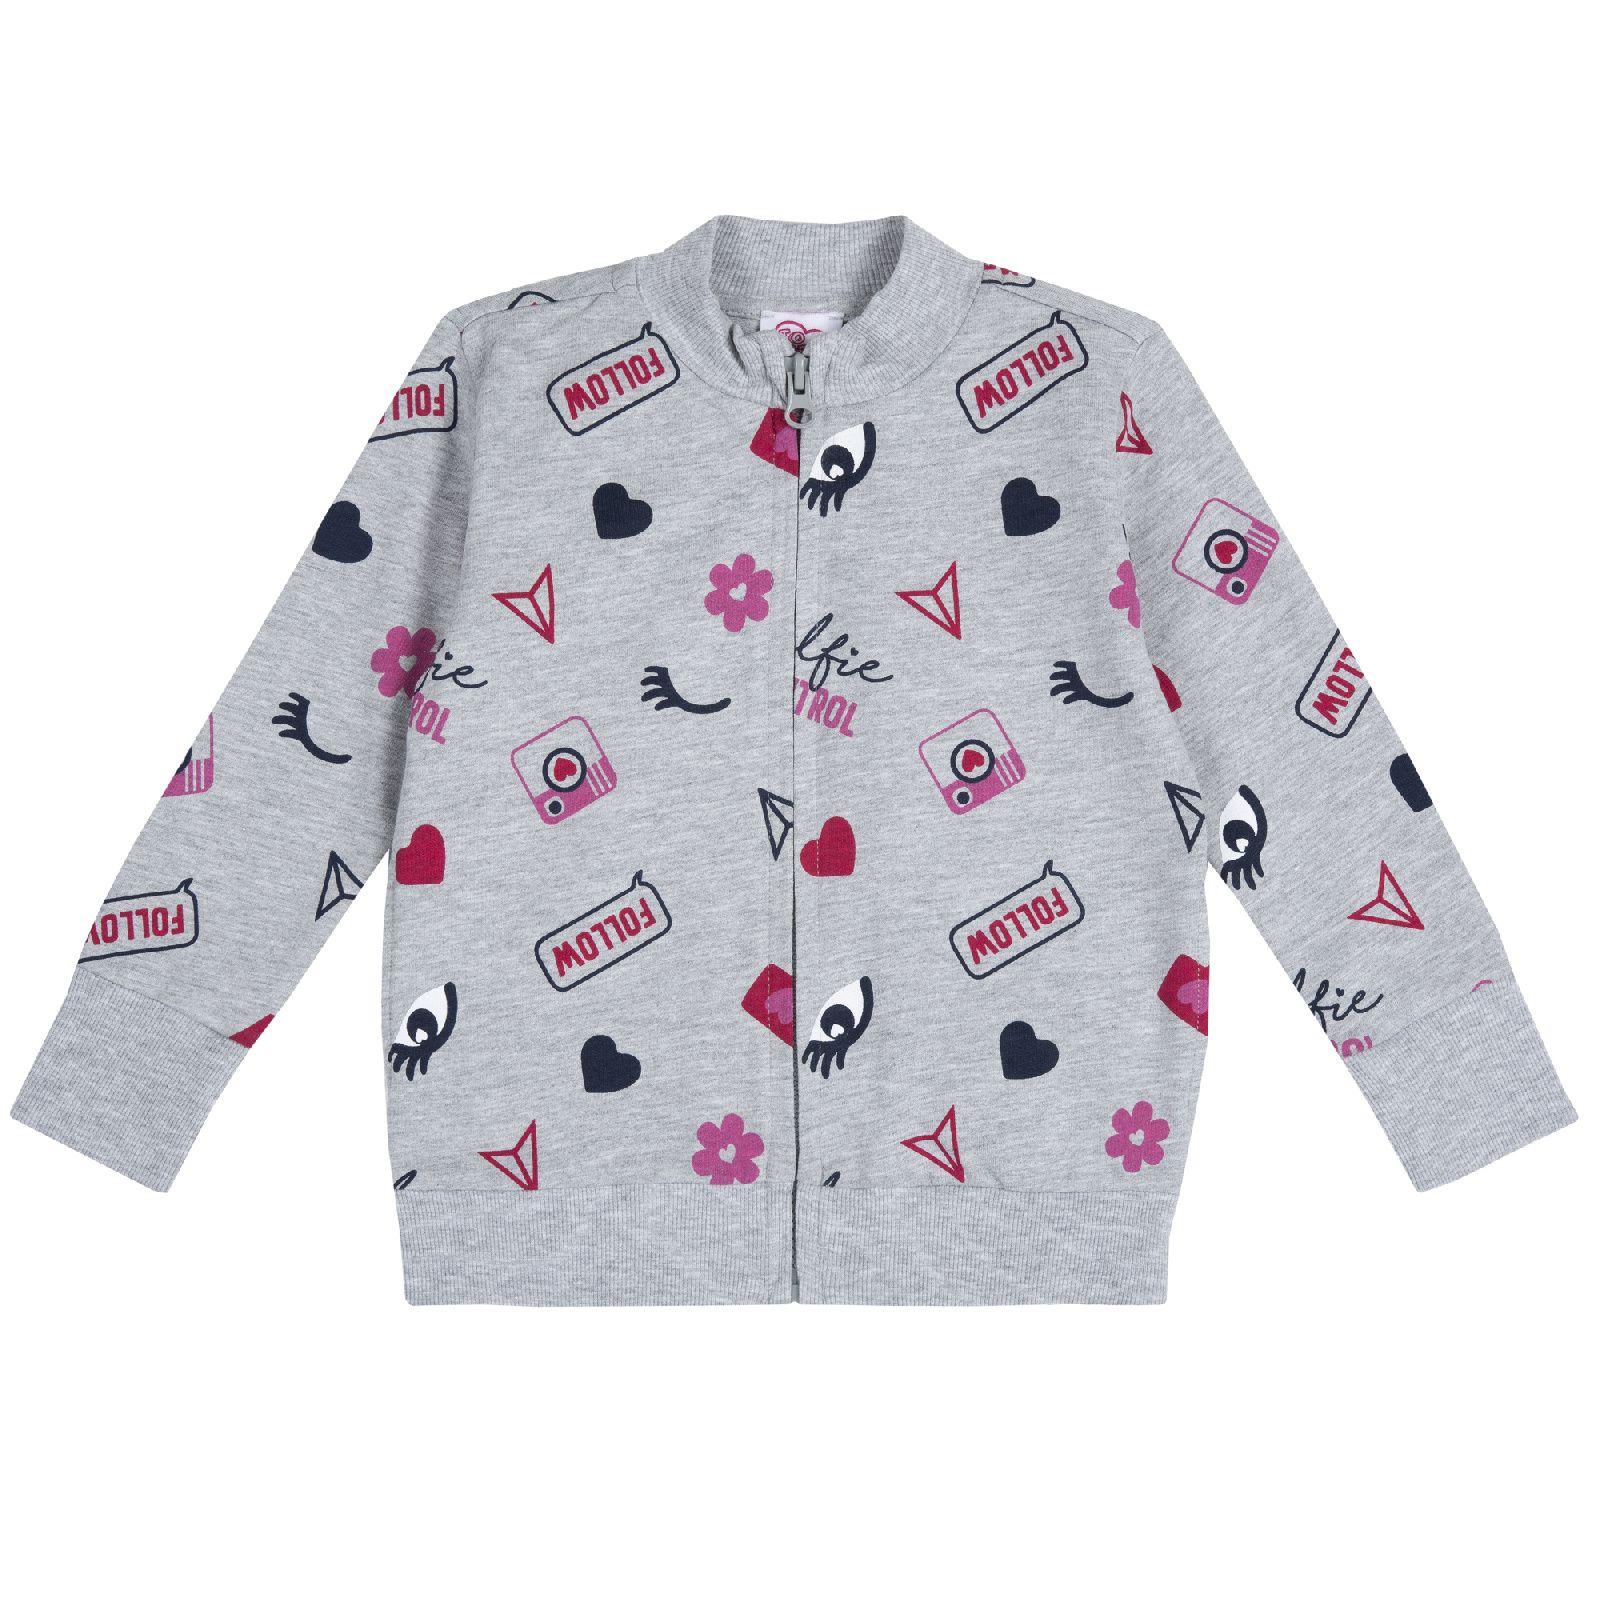 Купить 9009356, Толстовка для девочек Chicco Глазки, цвет серый, размер 92, Кофточки, футболки для новорожденных